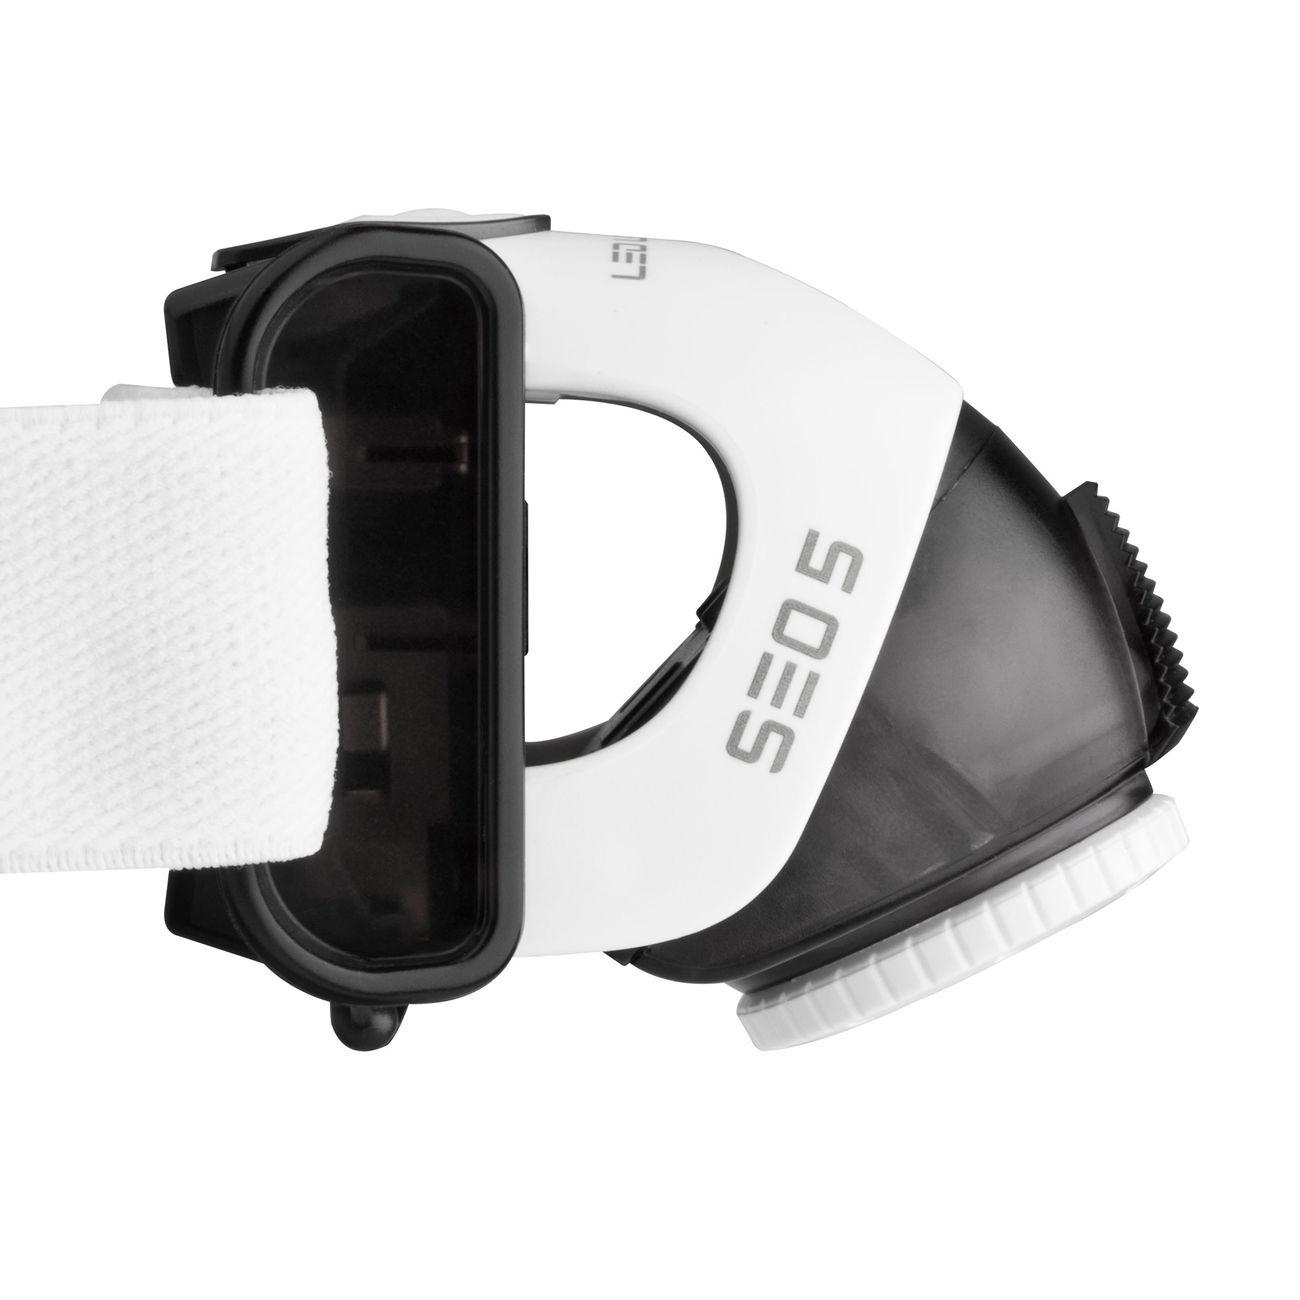 led lenser stirnlampe seo5 180 lumen grau kotte zeller. Black Bedroom Furniture Sets. Home Design Ideas